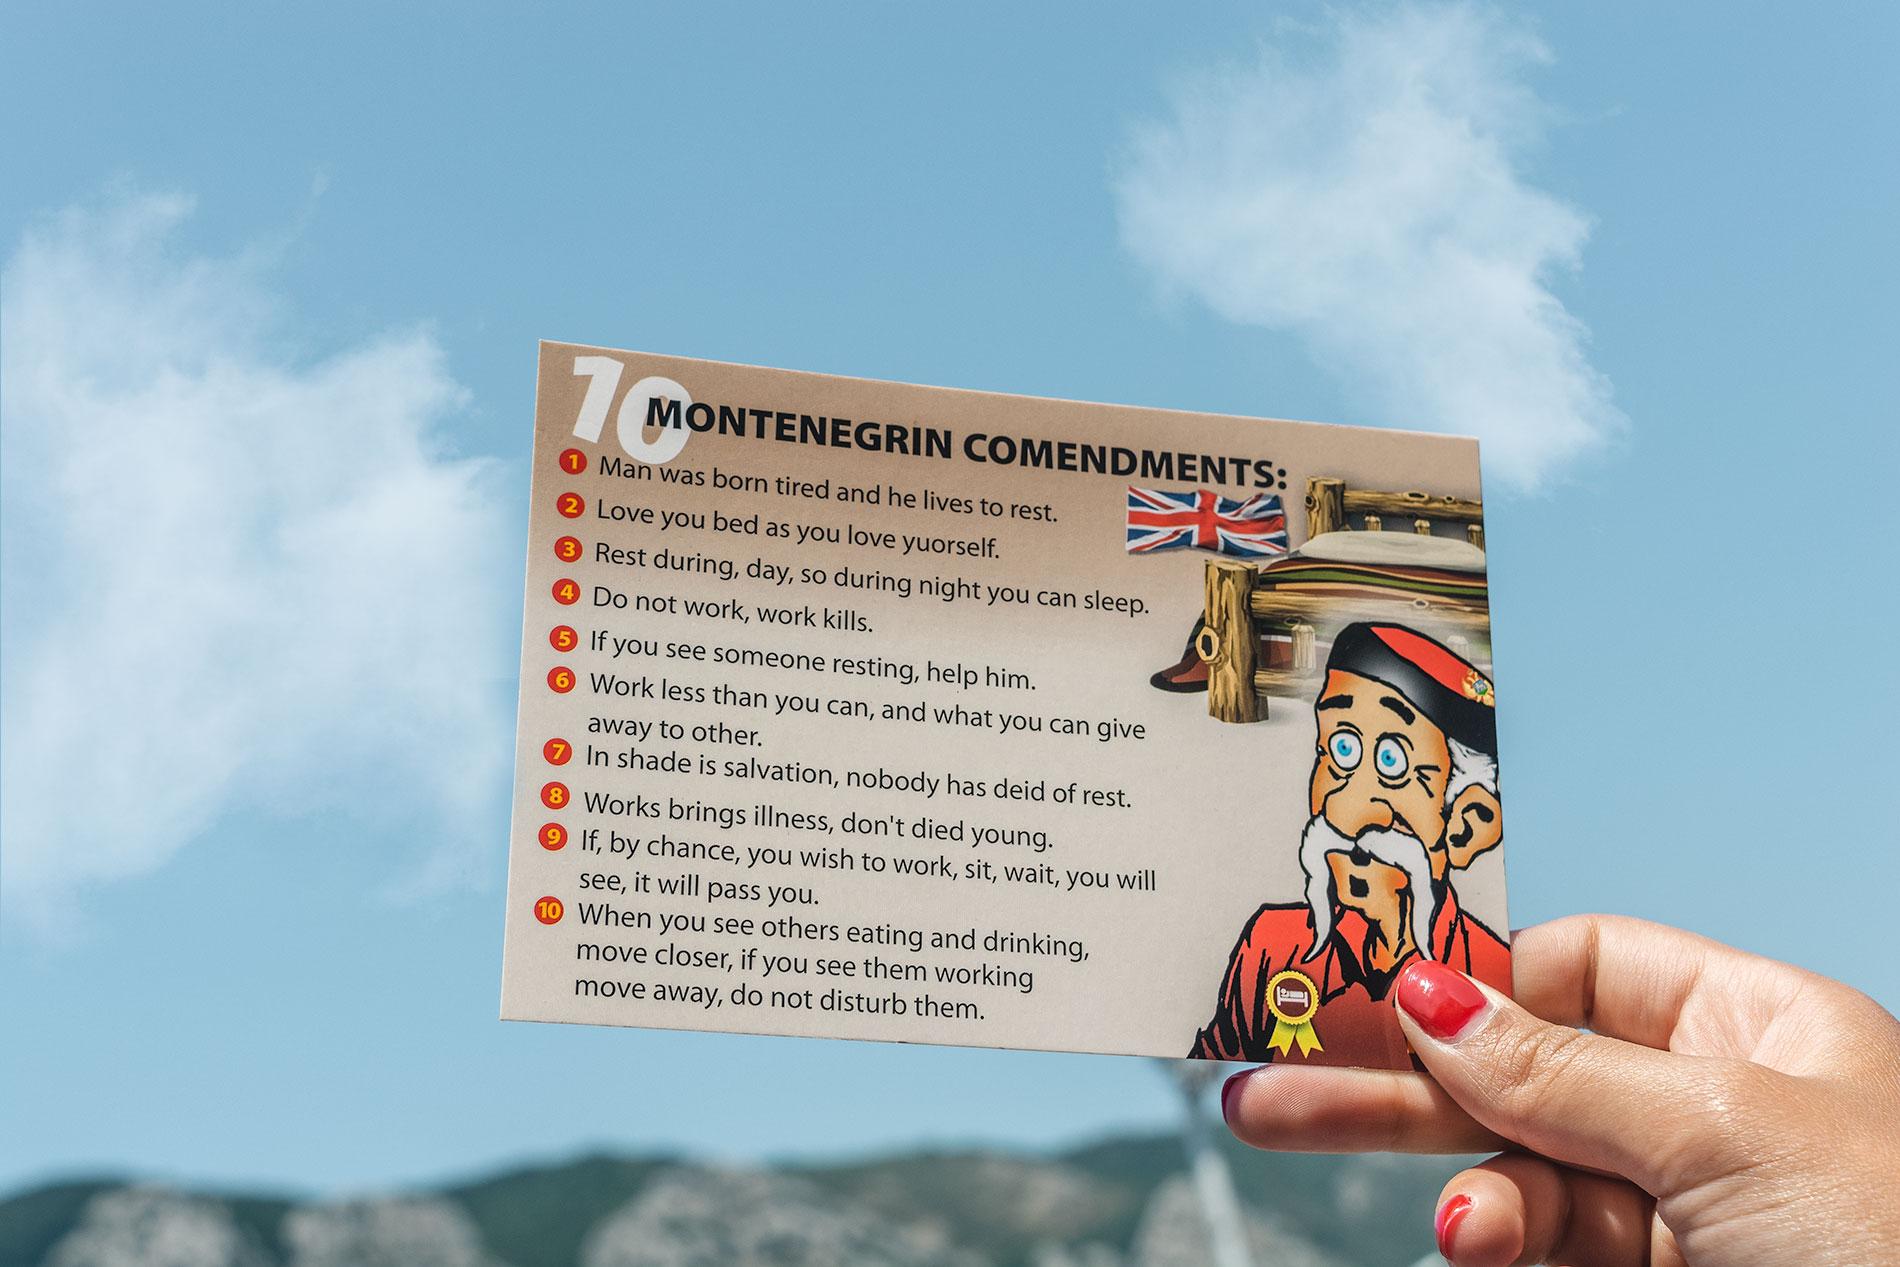 Os dez mandamentos dos montenegrinos - um postal satírico